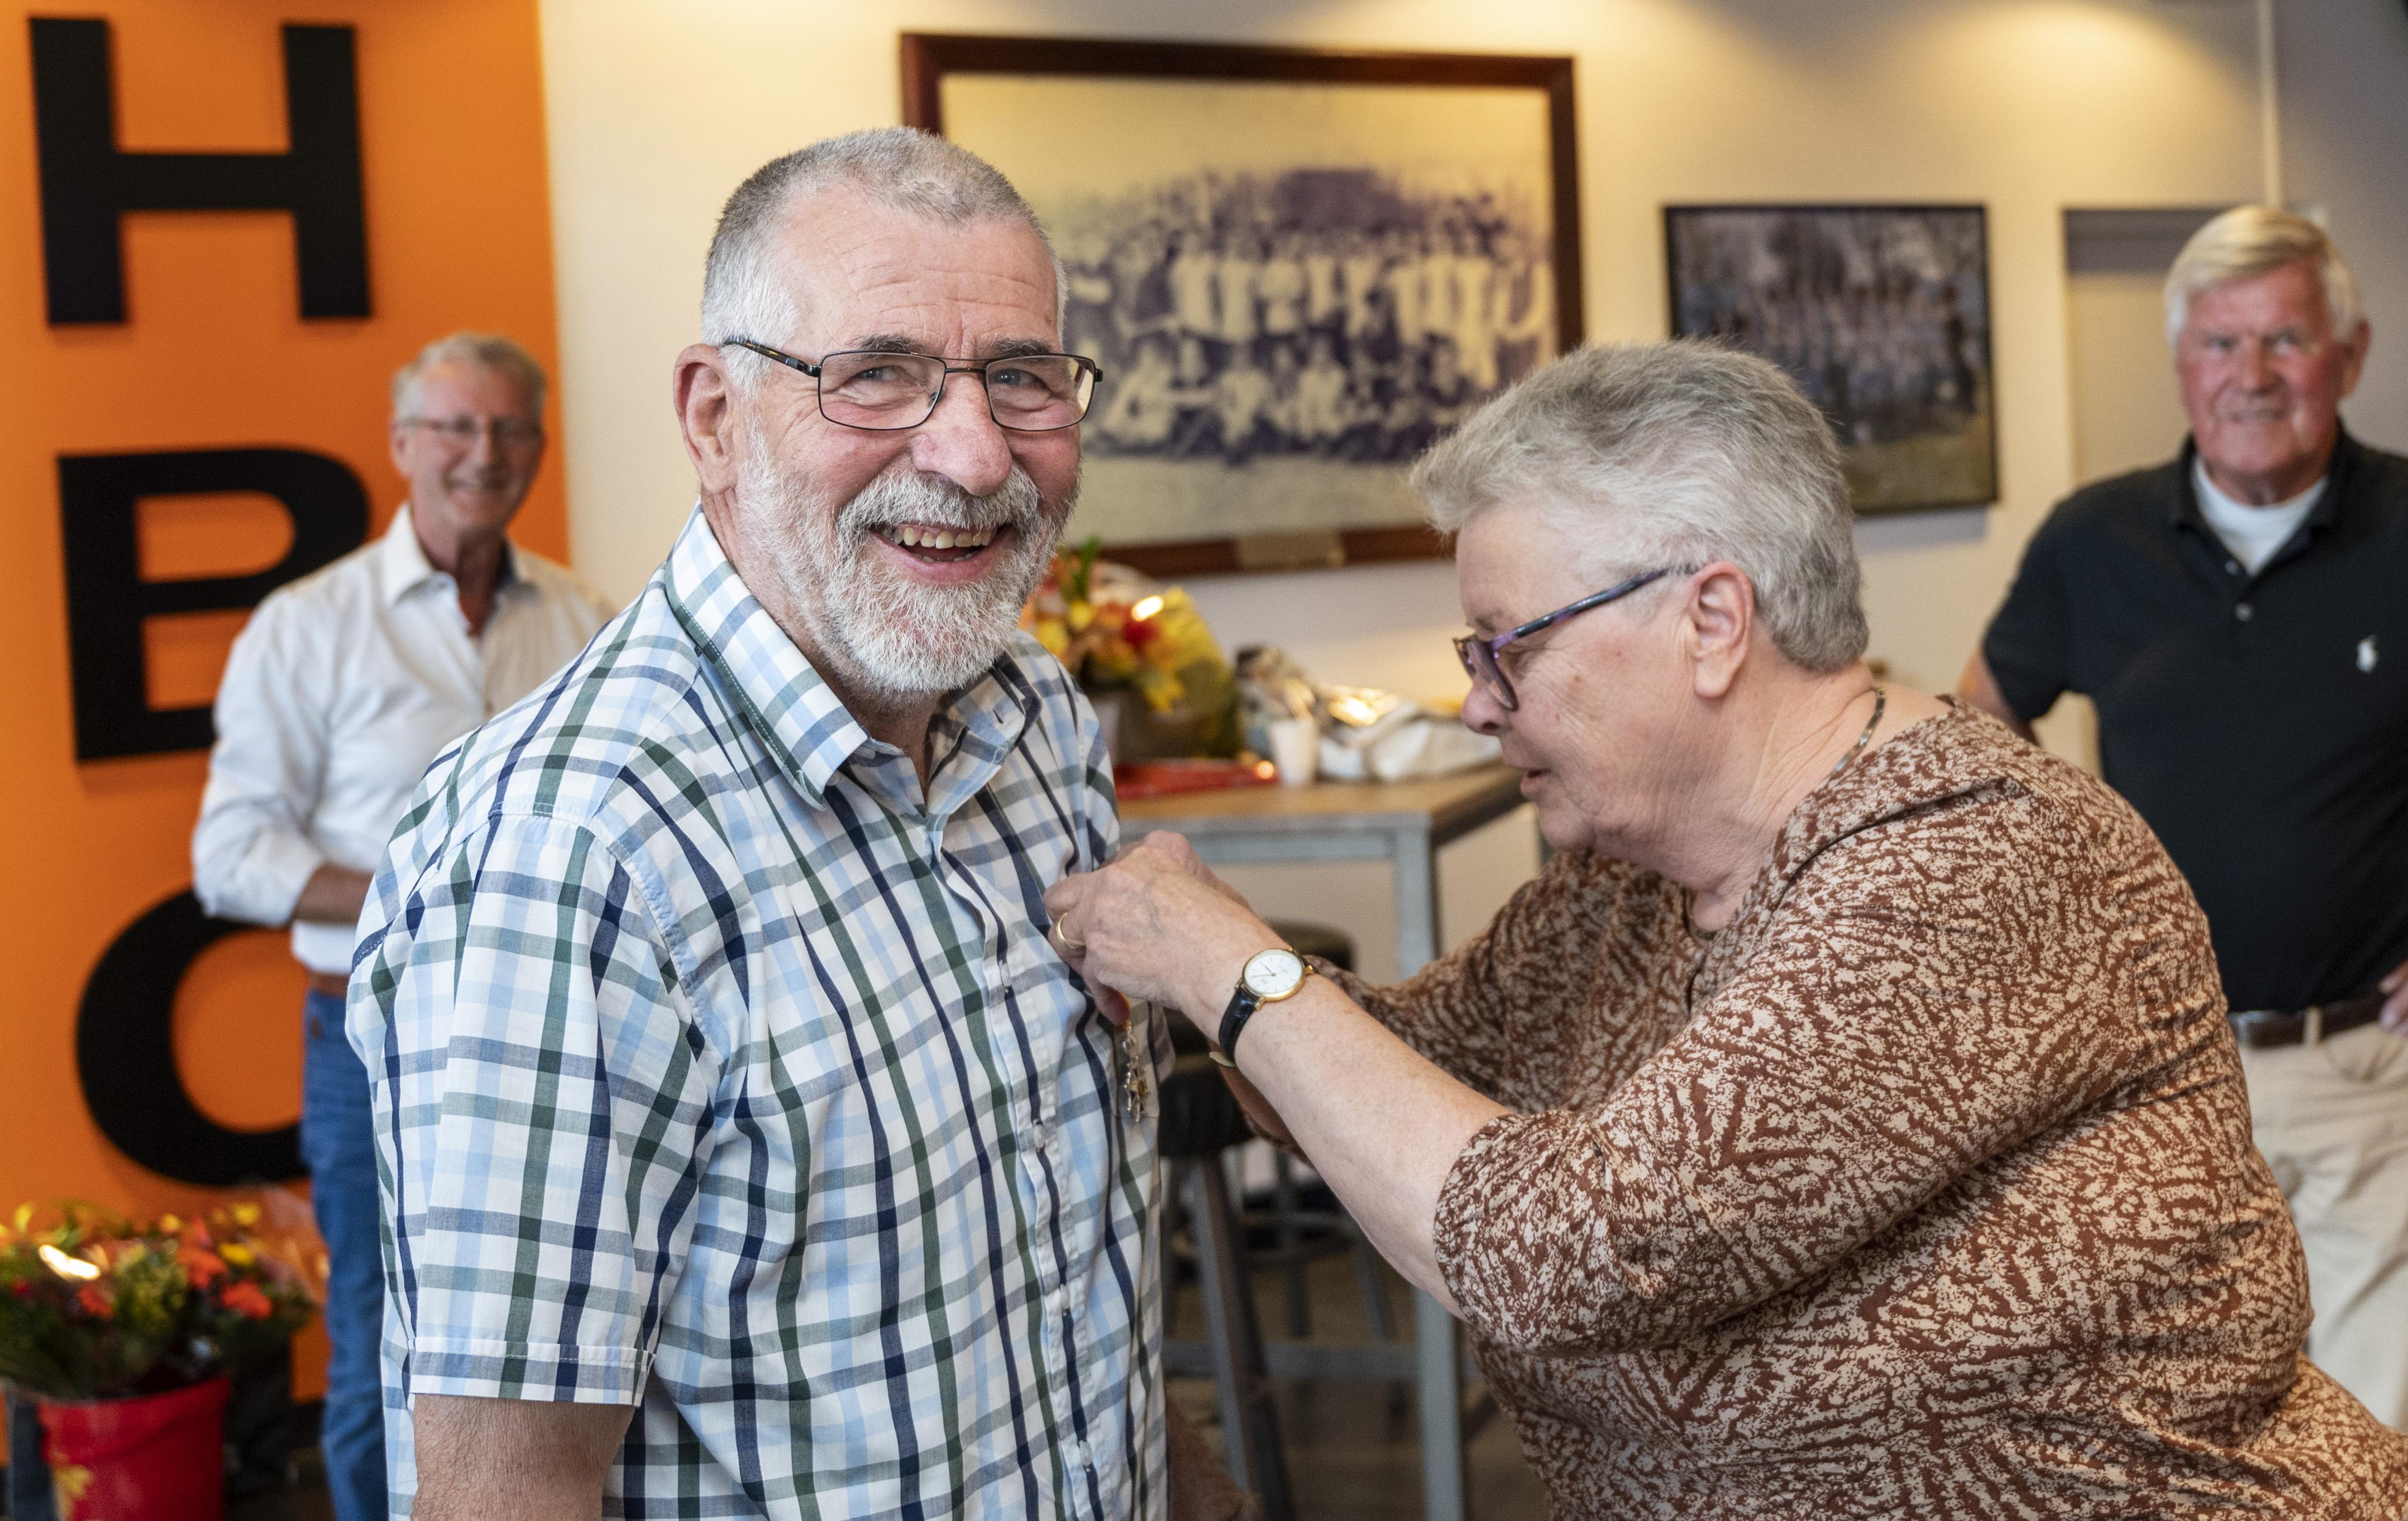 Lintje voor HBC'er Juul van der Veldt: 'Je kan niet 45 jaar al die wedstrijden fluiten zonder hulp van je vrouw'